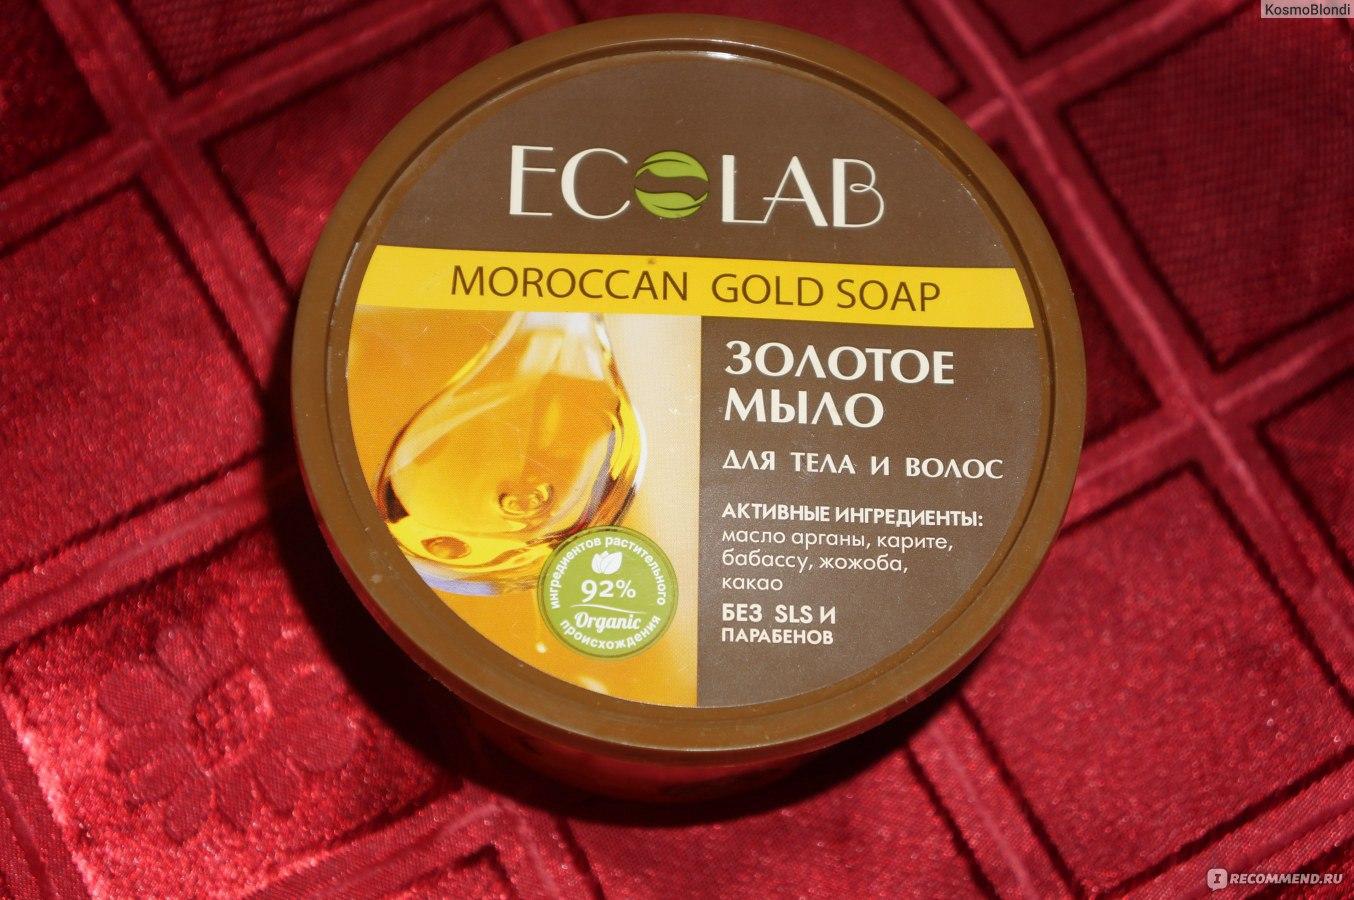 Золотое мыло для тела и волос эколаб